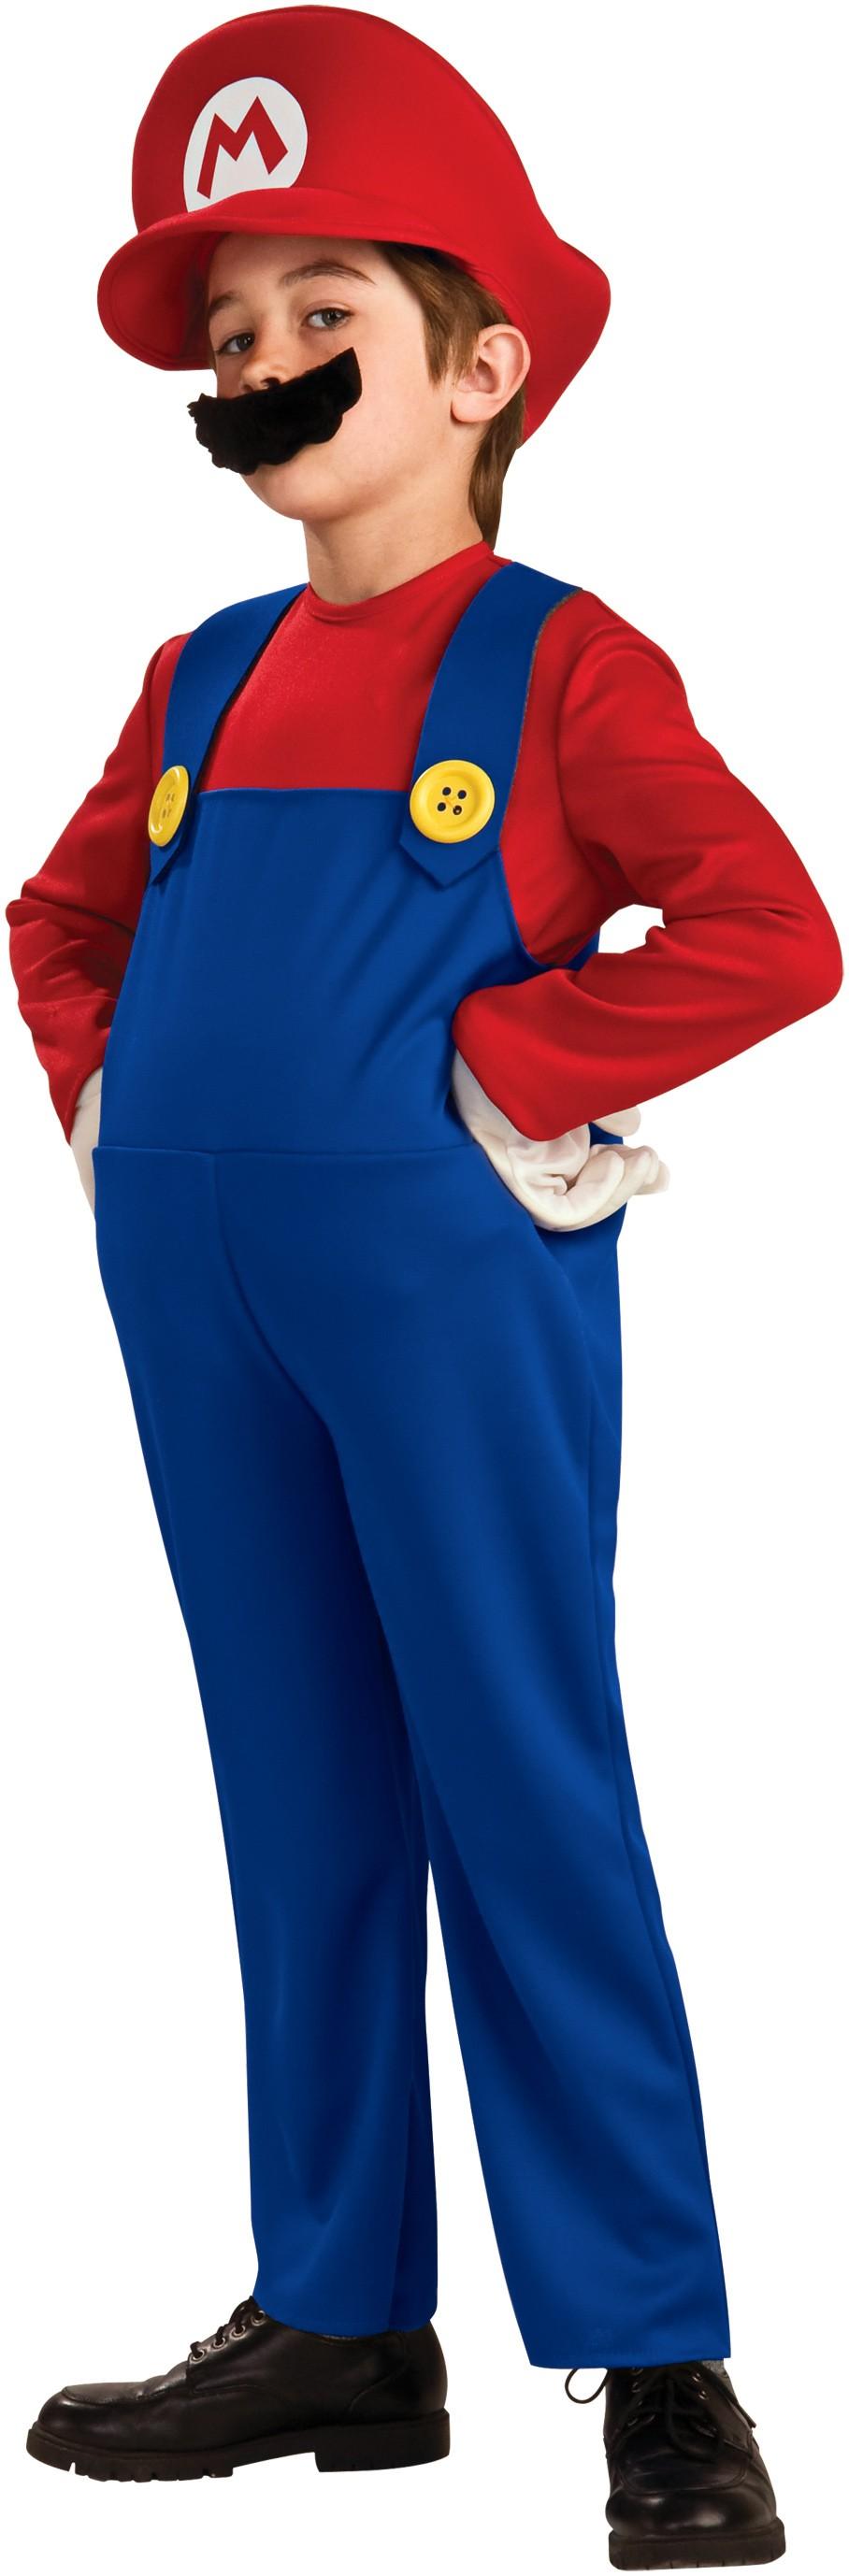 Super Mario Mario Deluxe Child Costume